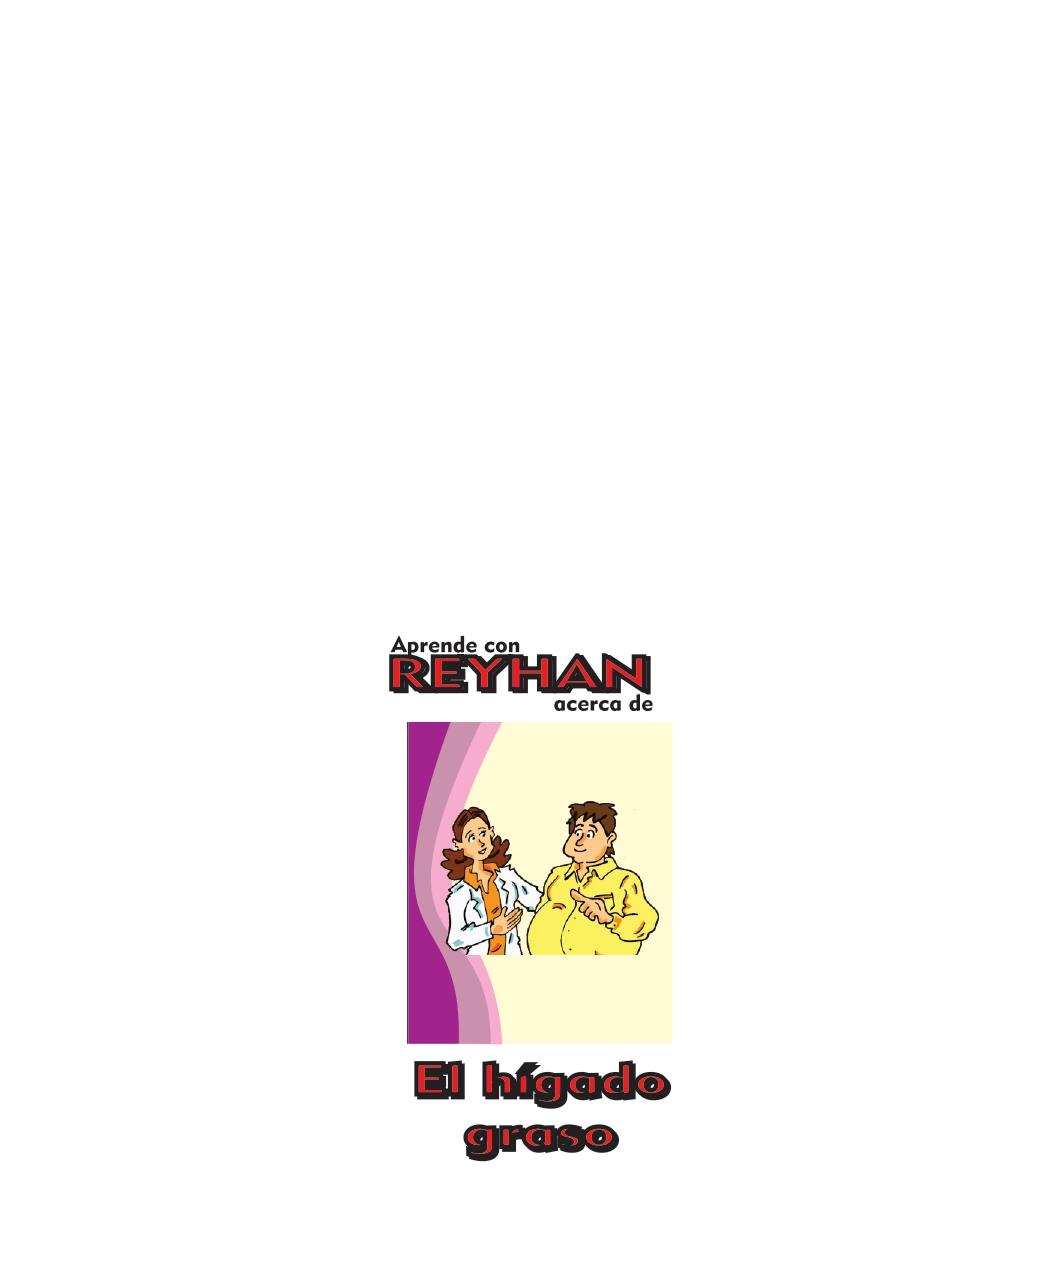 Higado graso digital_page-0015